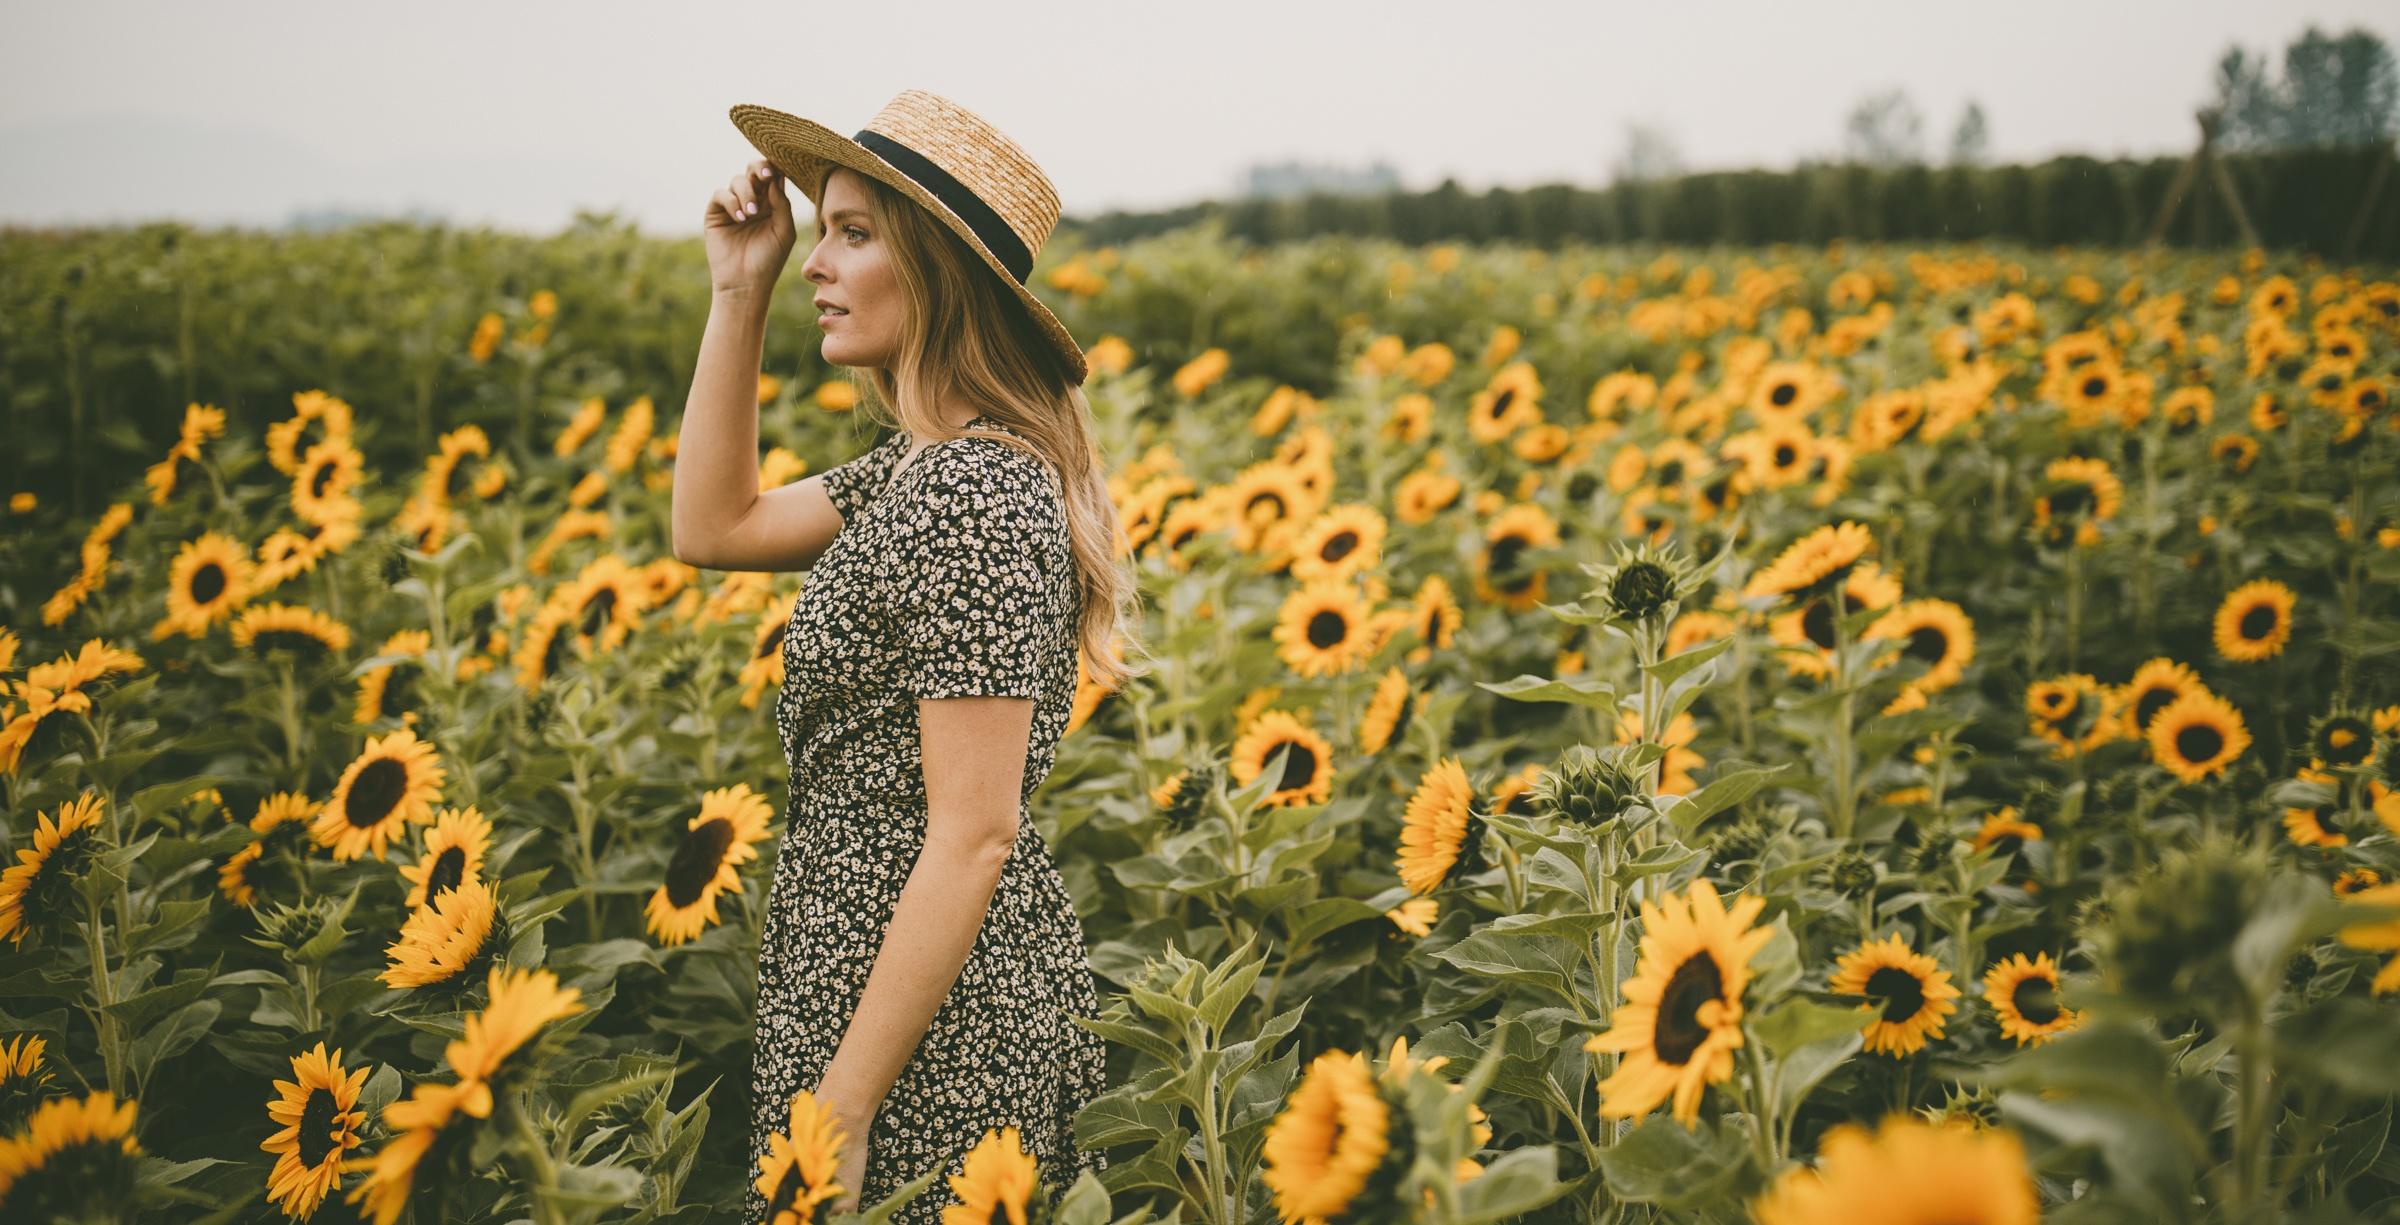 Fraser Valley's massive Chilliwack Sunflower Festival returns this August